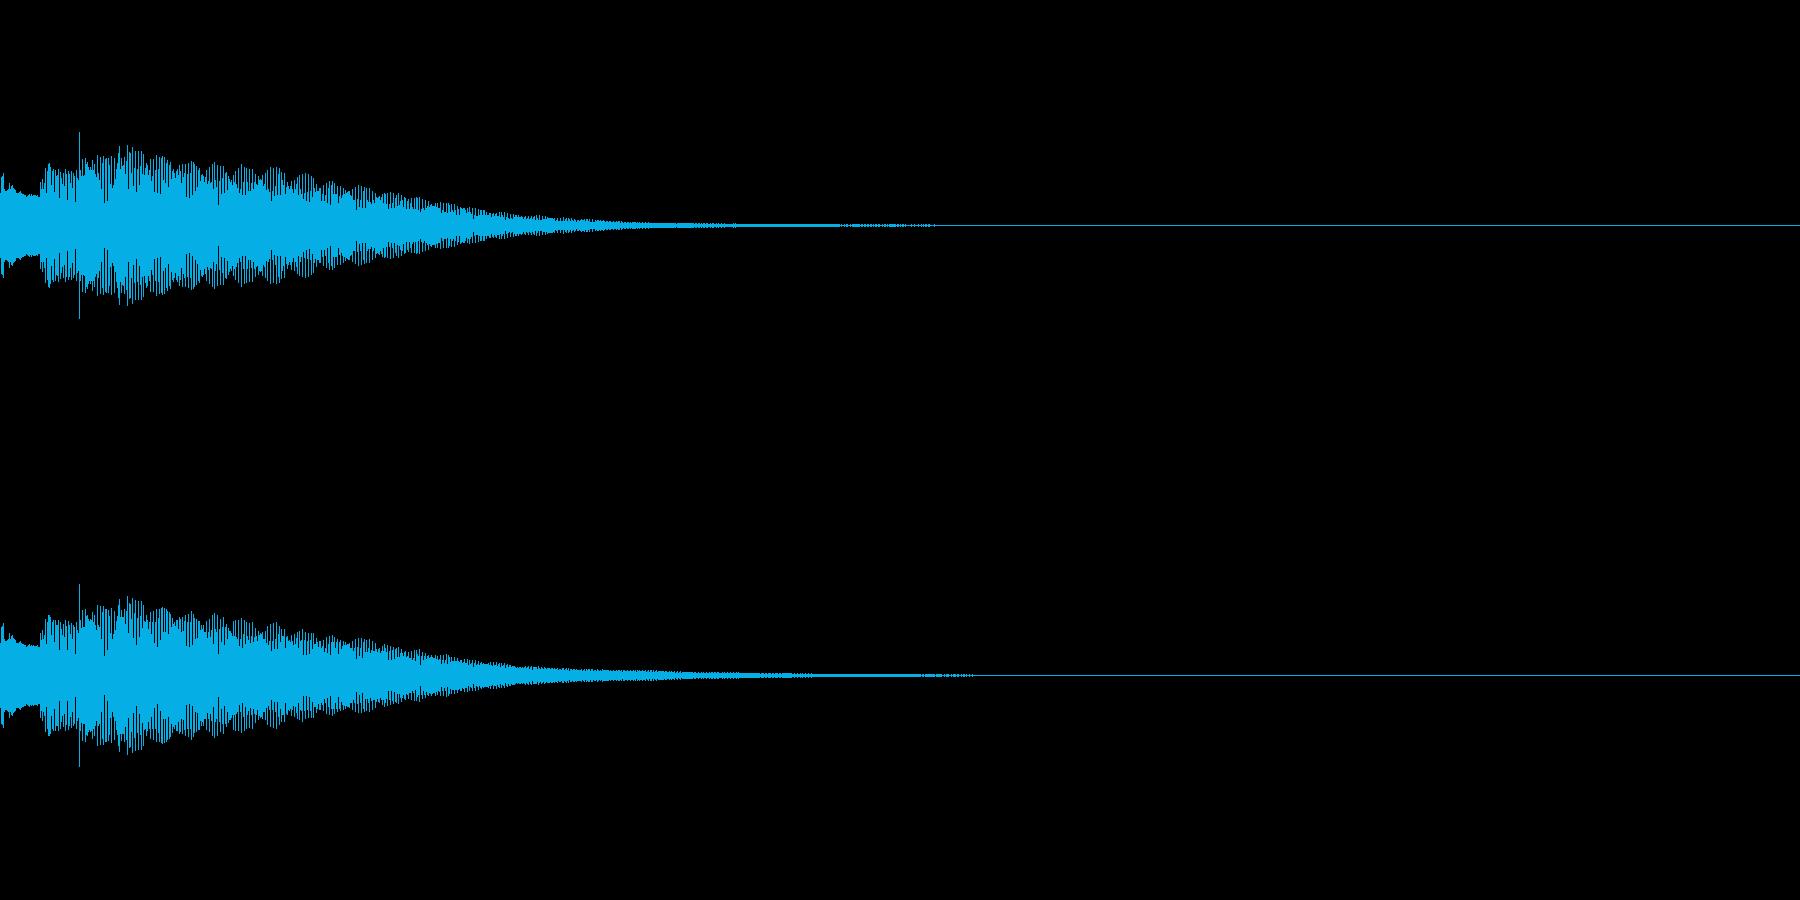 カジノ フリーゲームカウント音(終了音)の再生済みの波形